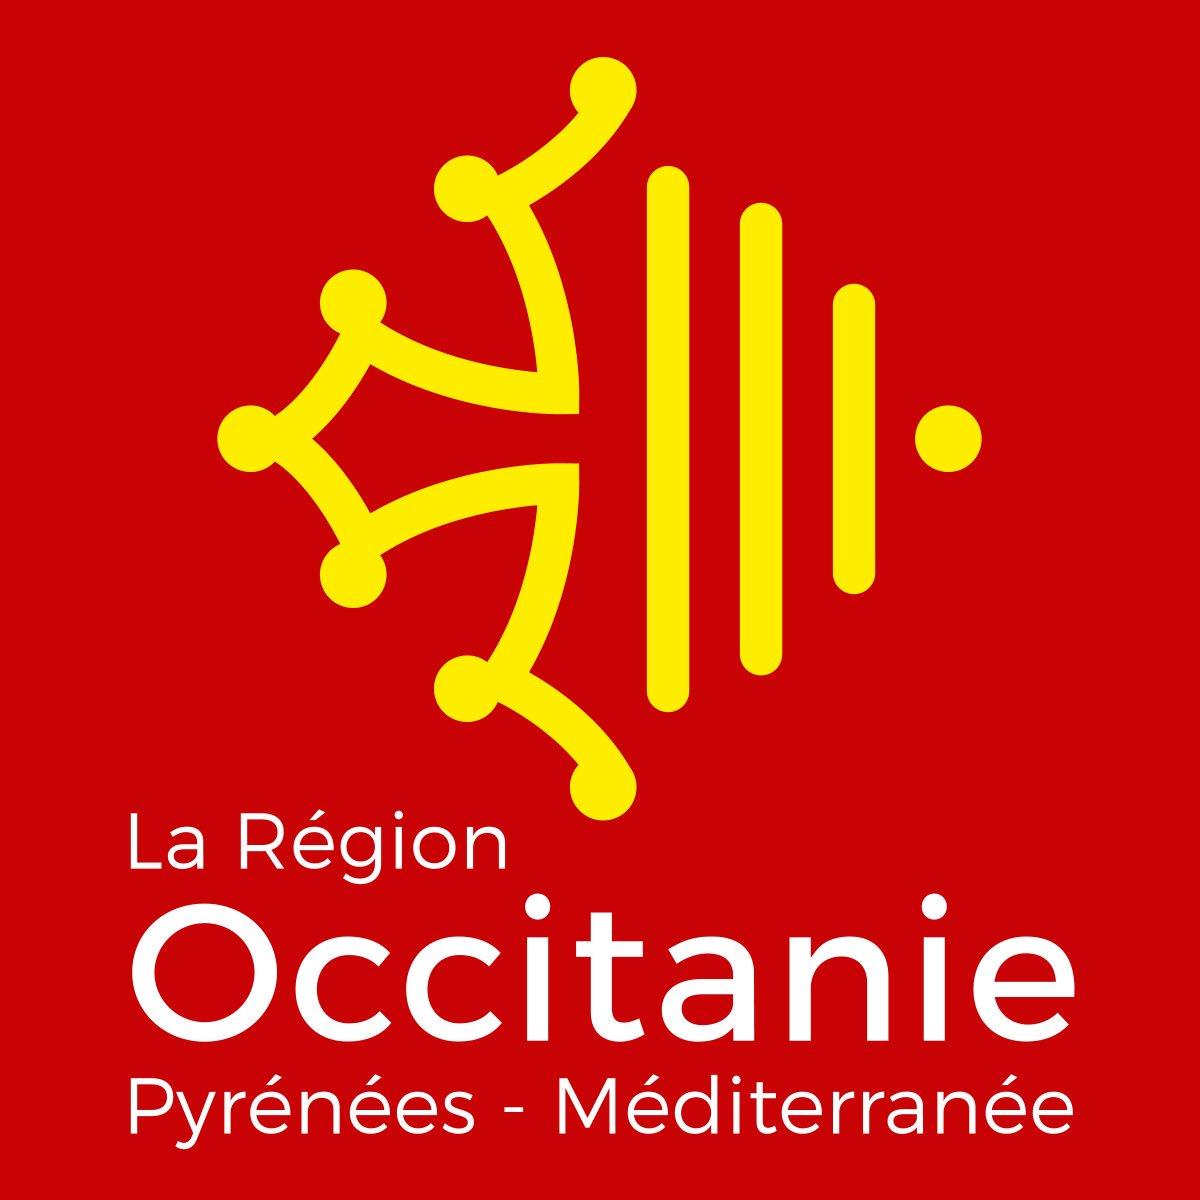 La région #Occitanie : a son nouveau logo !  https://t.co/FGEV4hhmqn